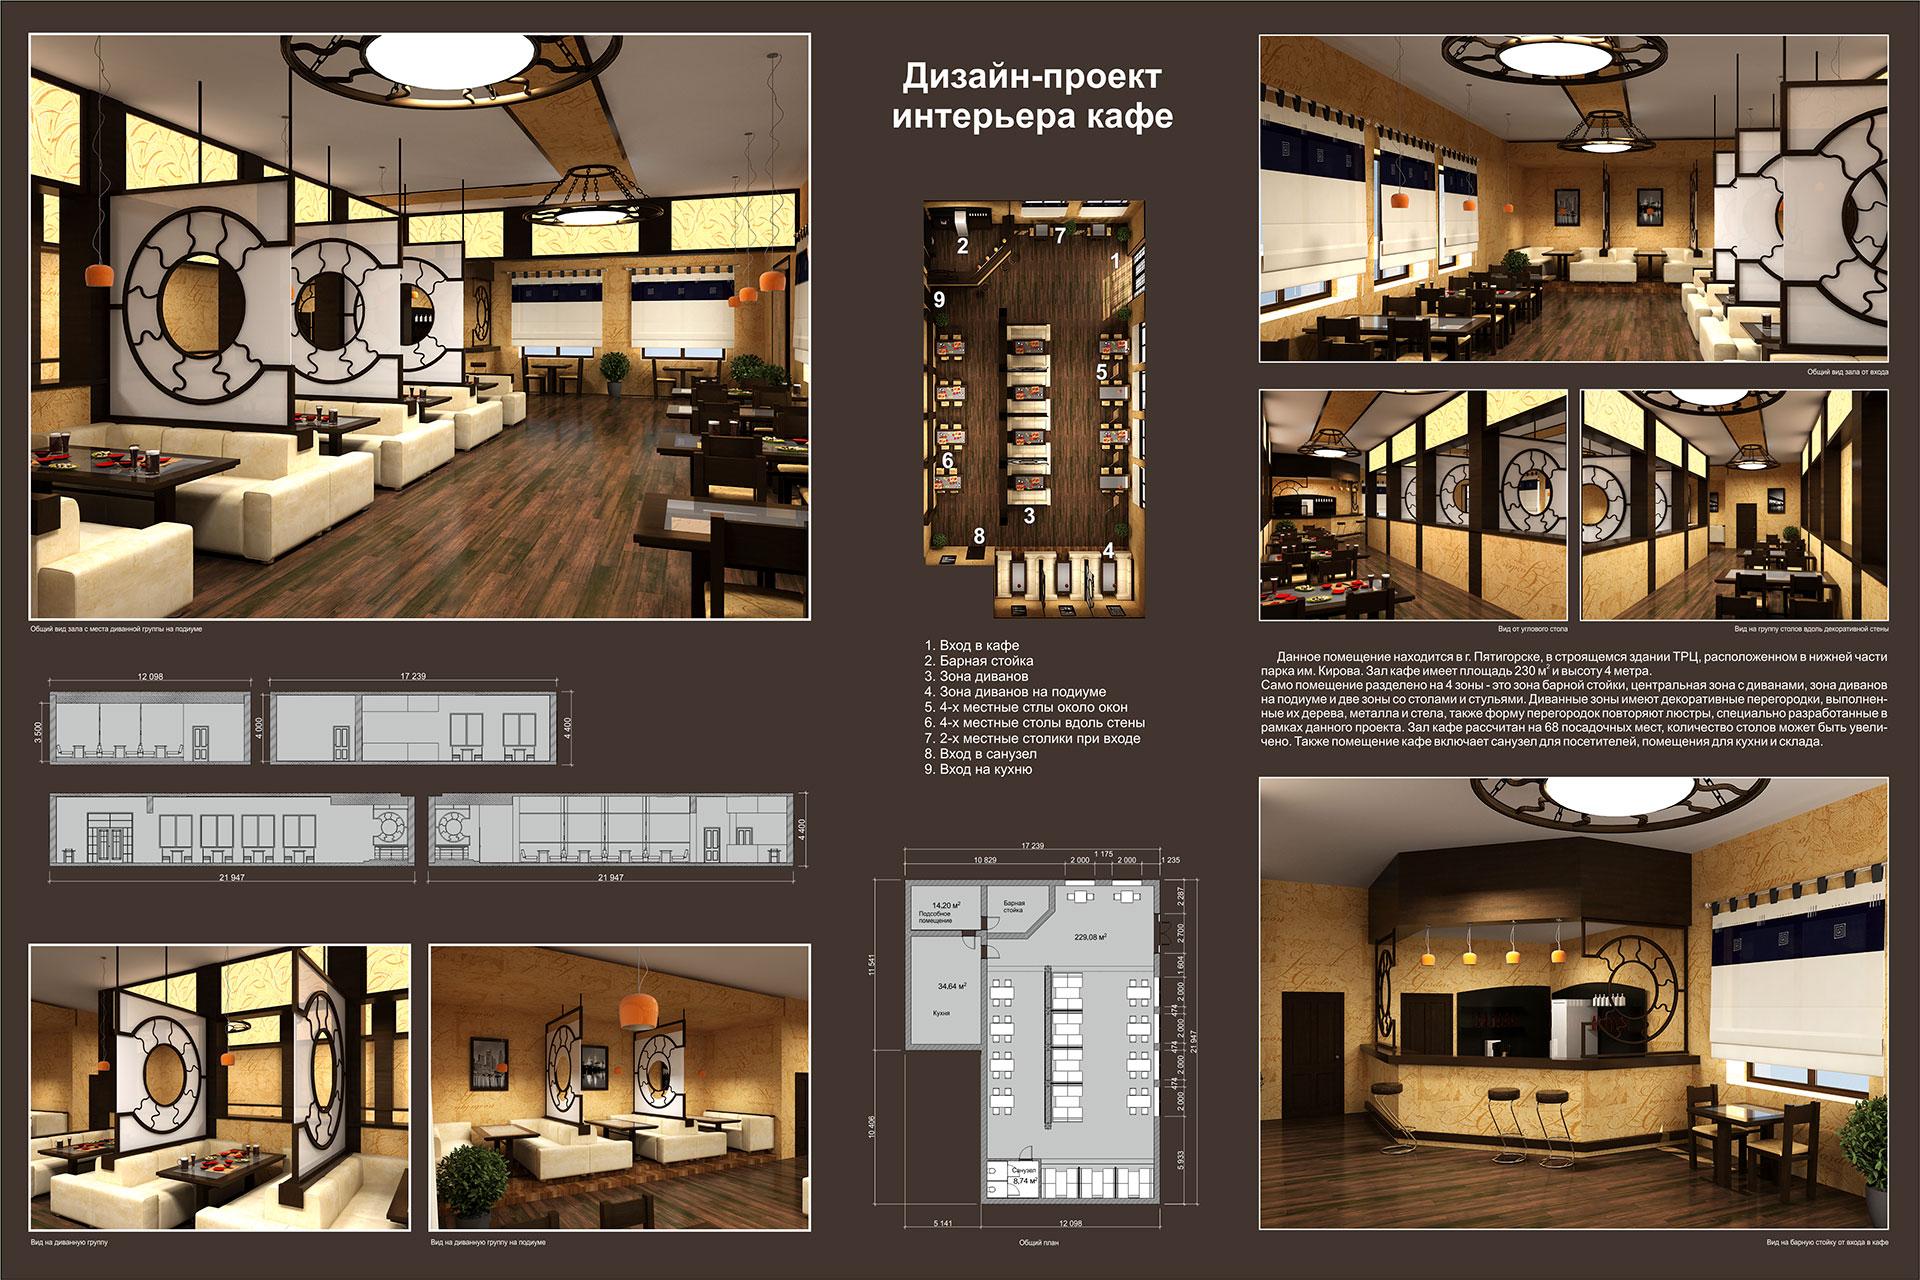 Проекты интерьера ресторанов